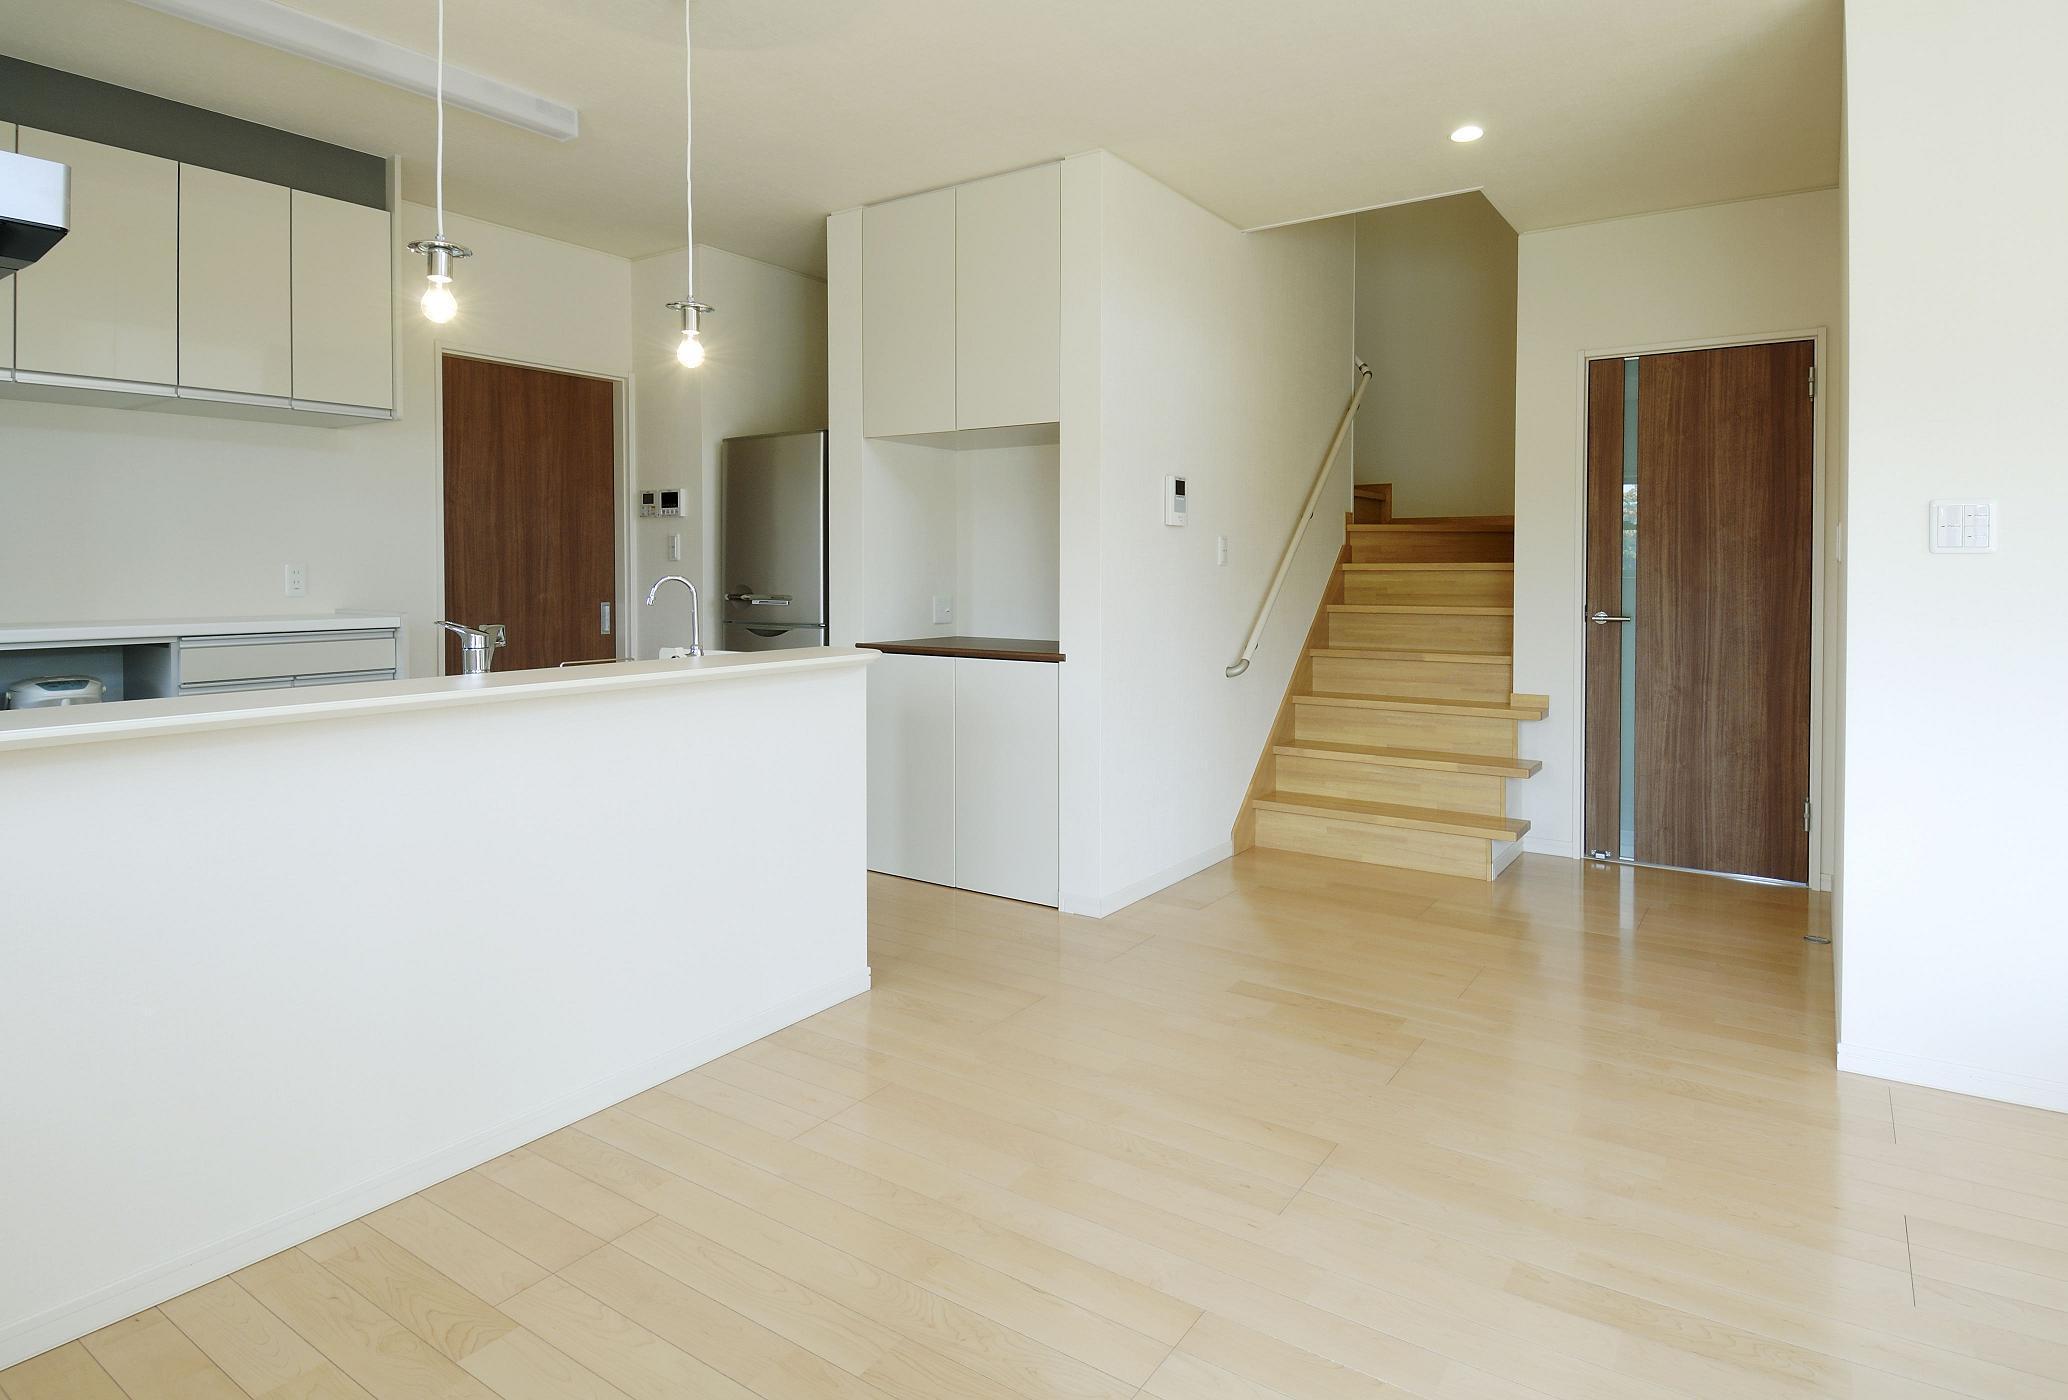 機能とデザインを融合させたキッチンスペース